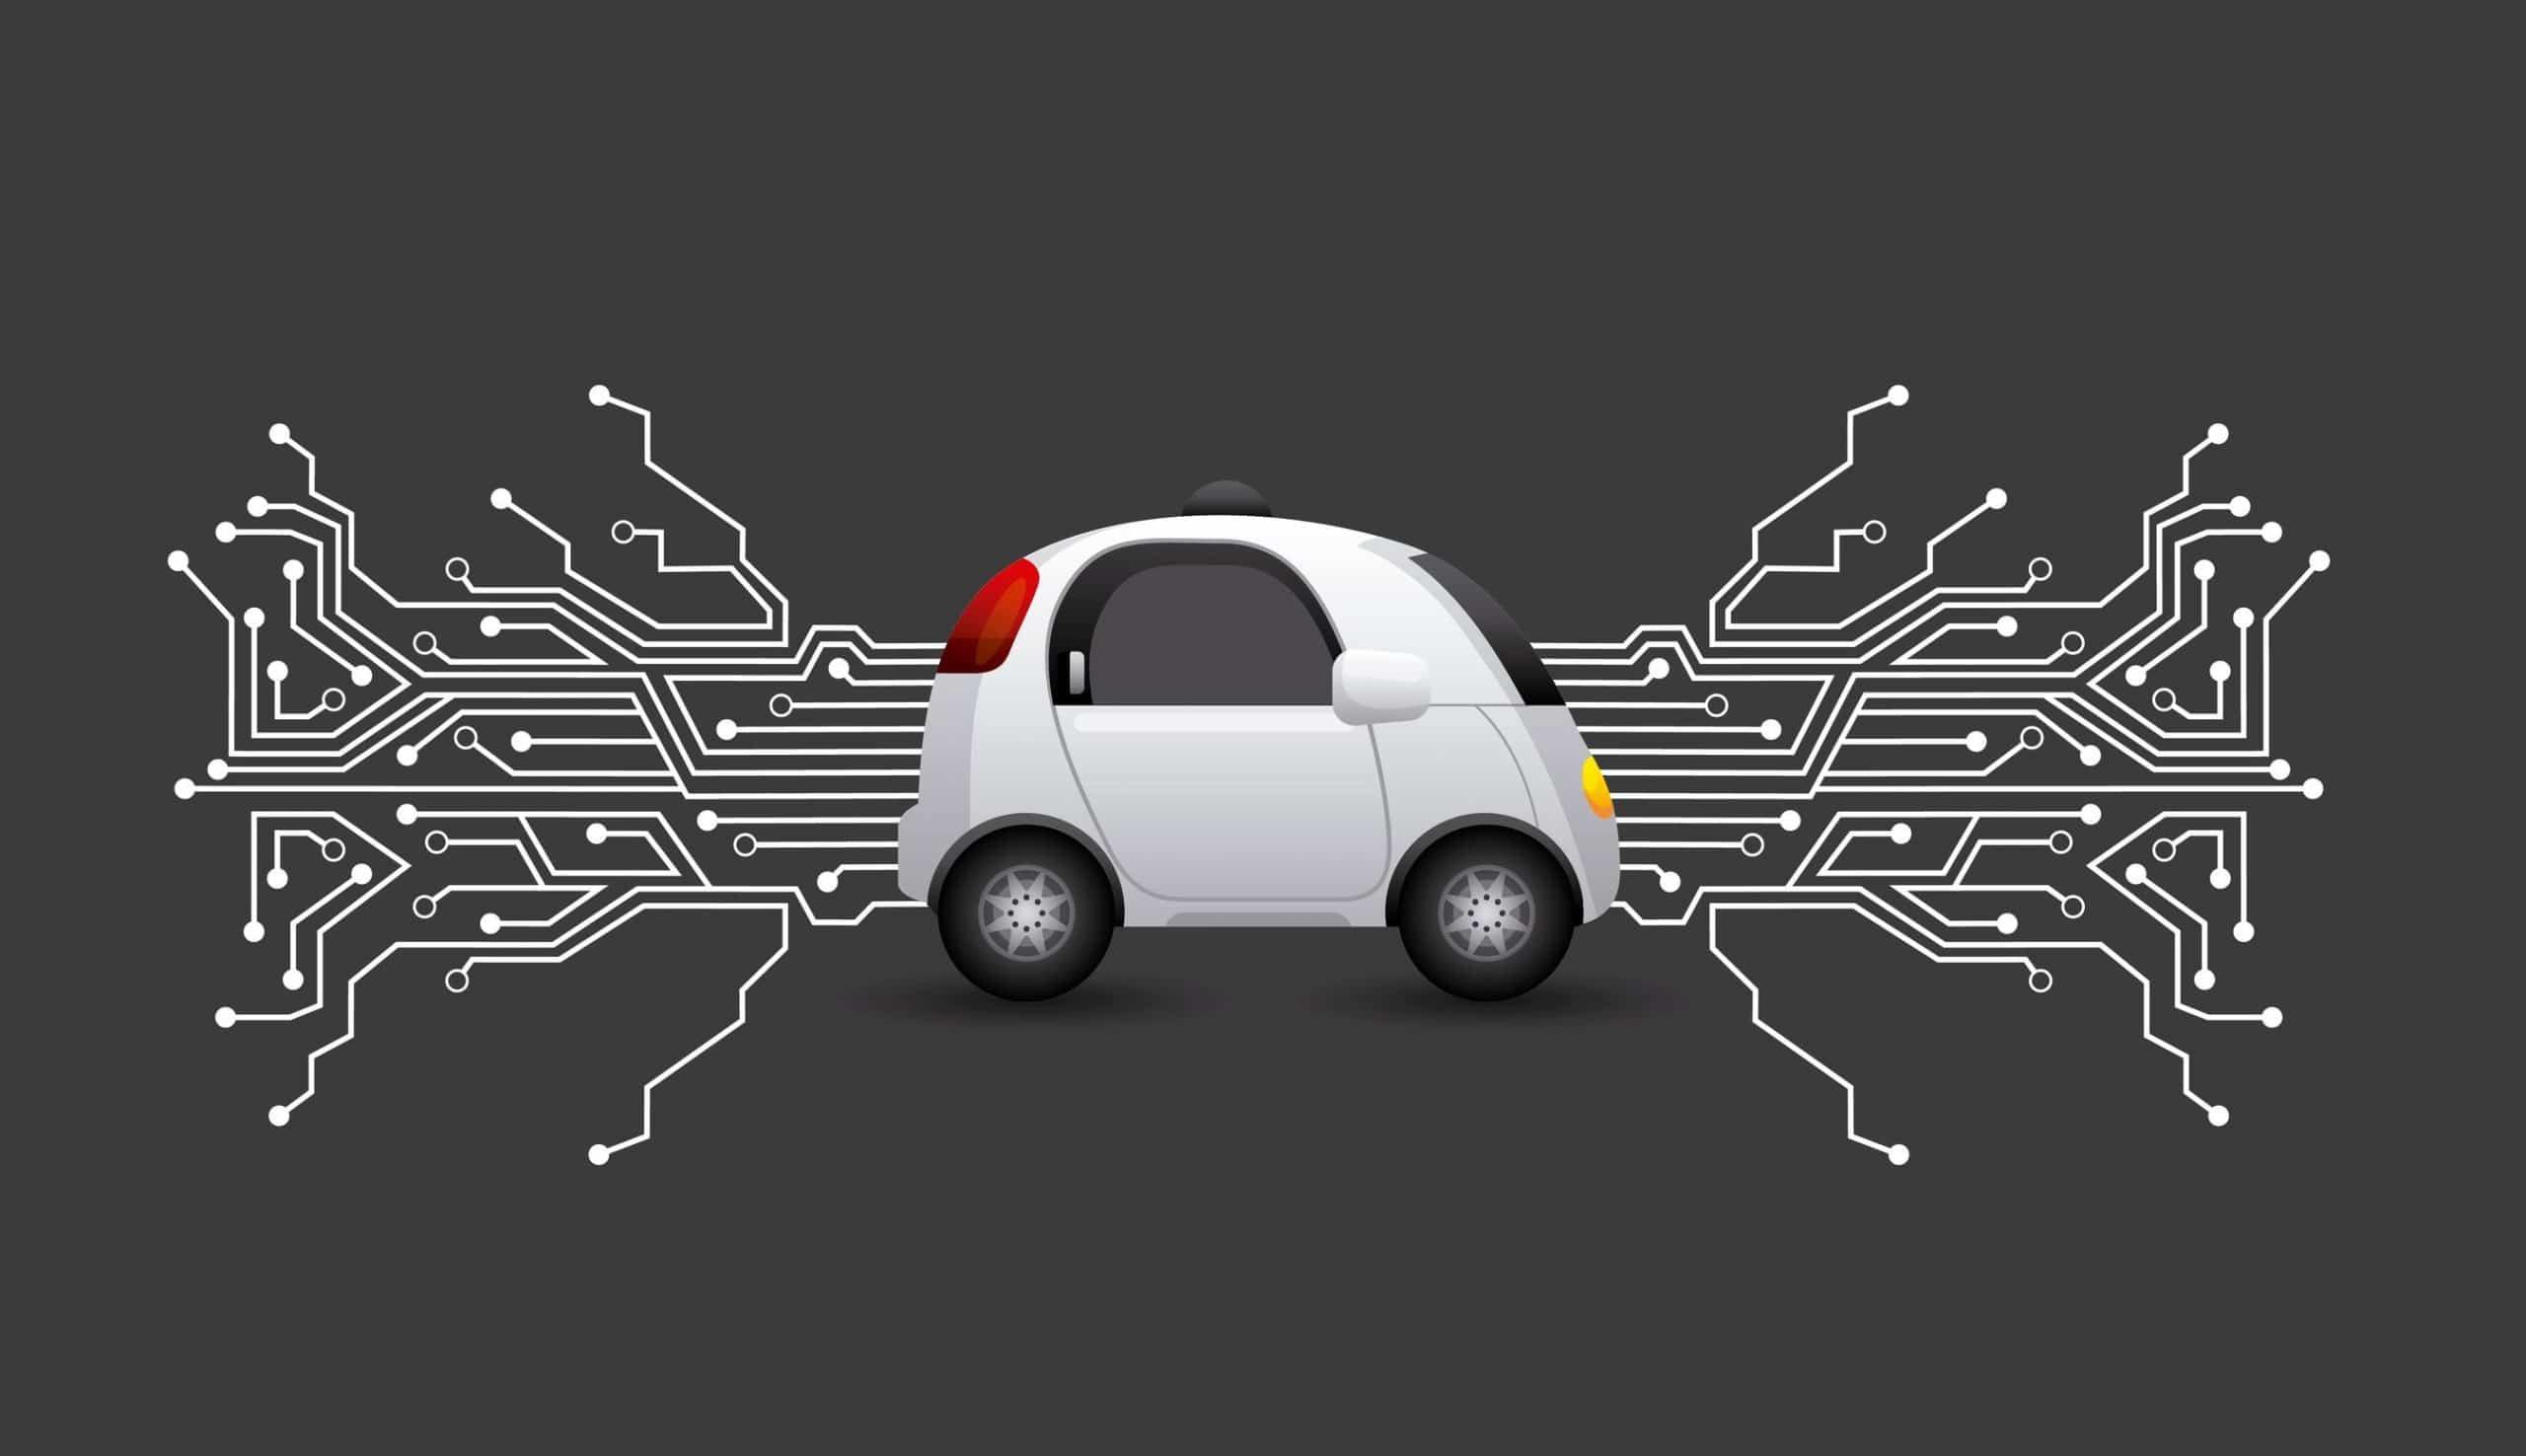 כנס רכב – הנדסה, תעשייה ואקדמיה